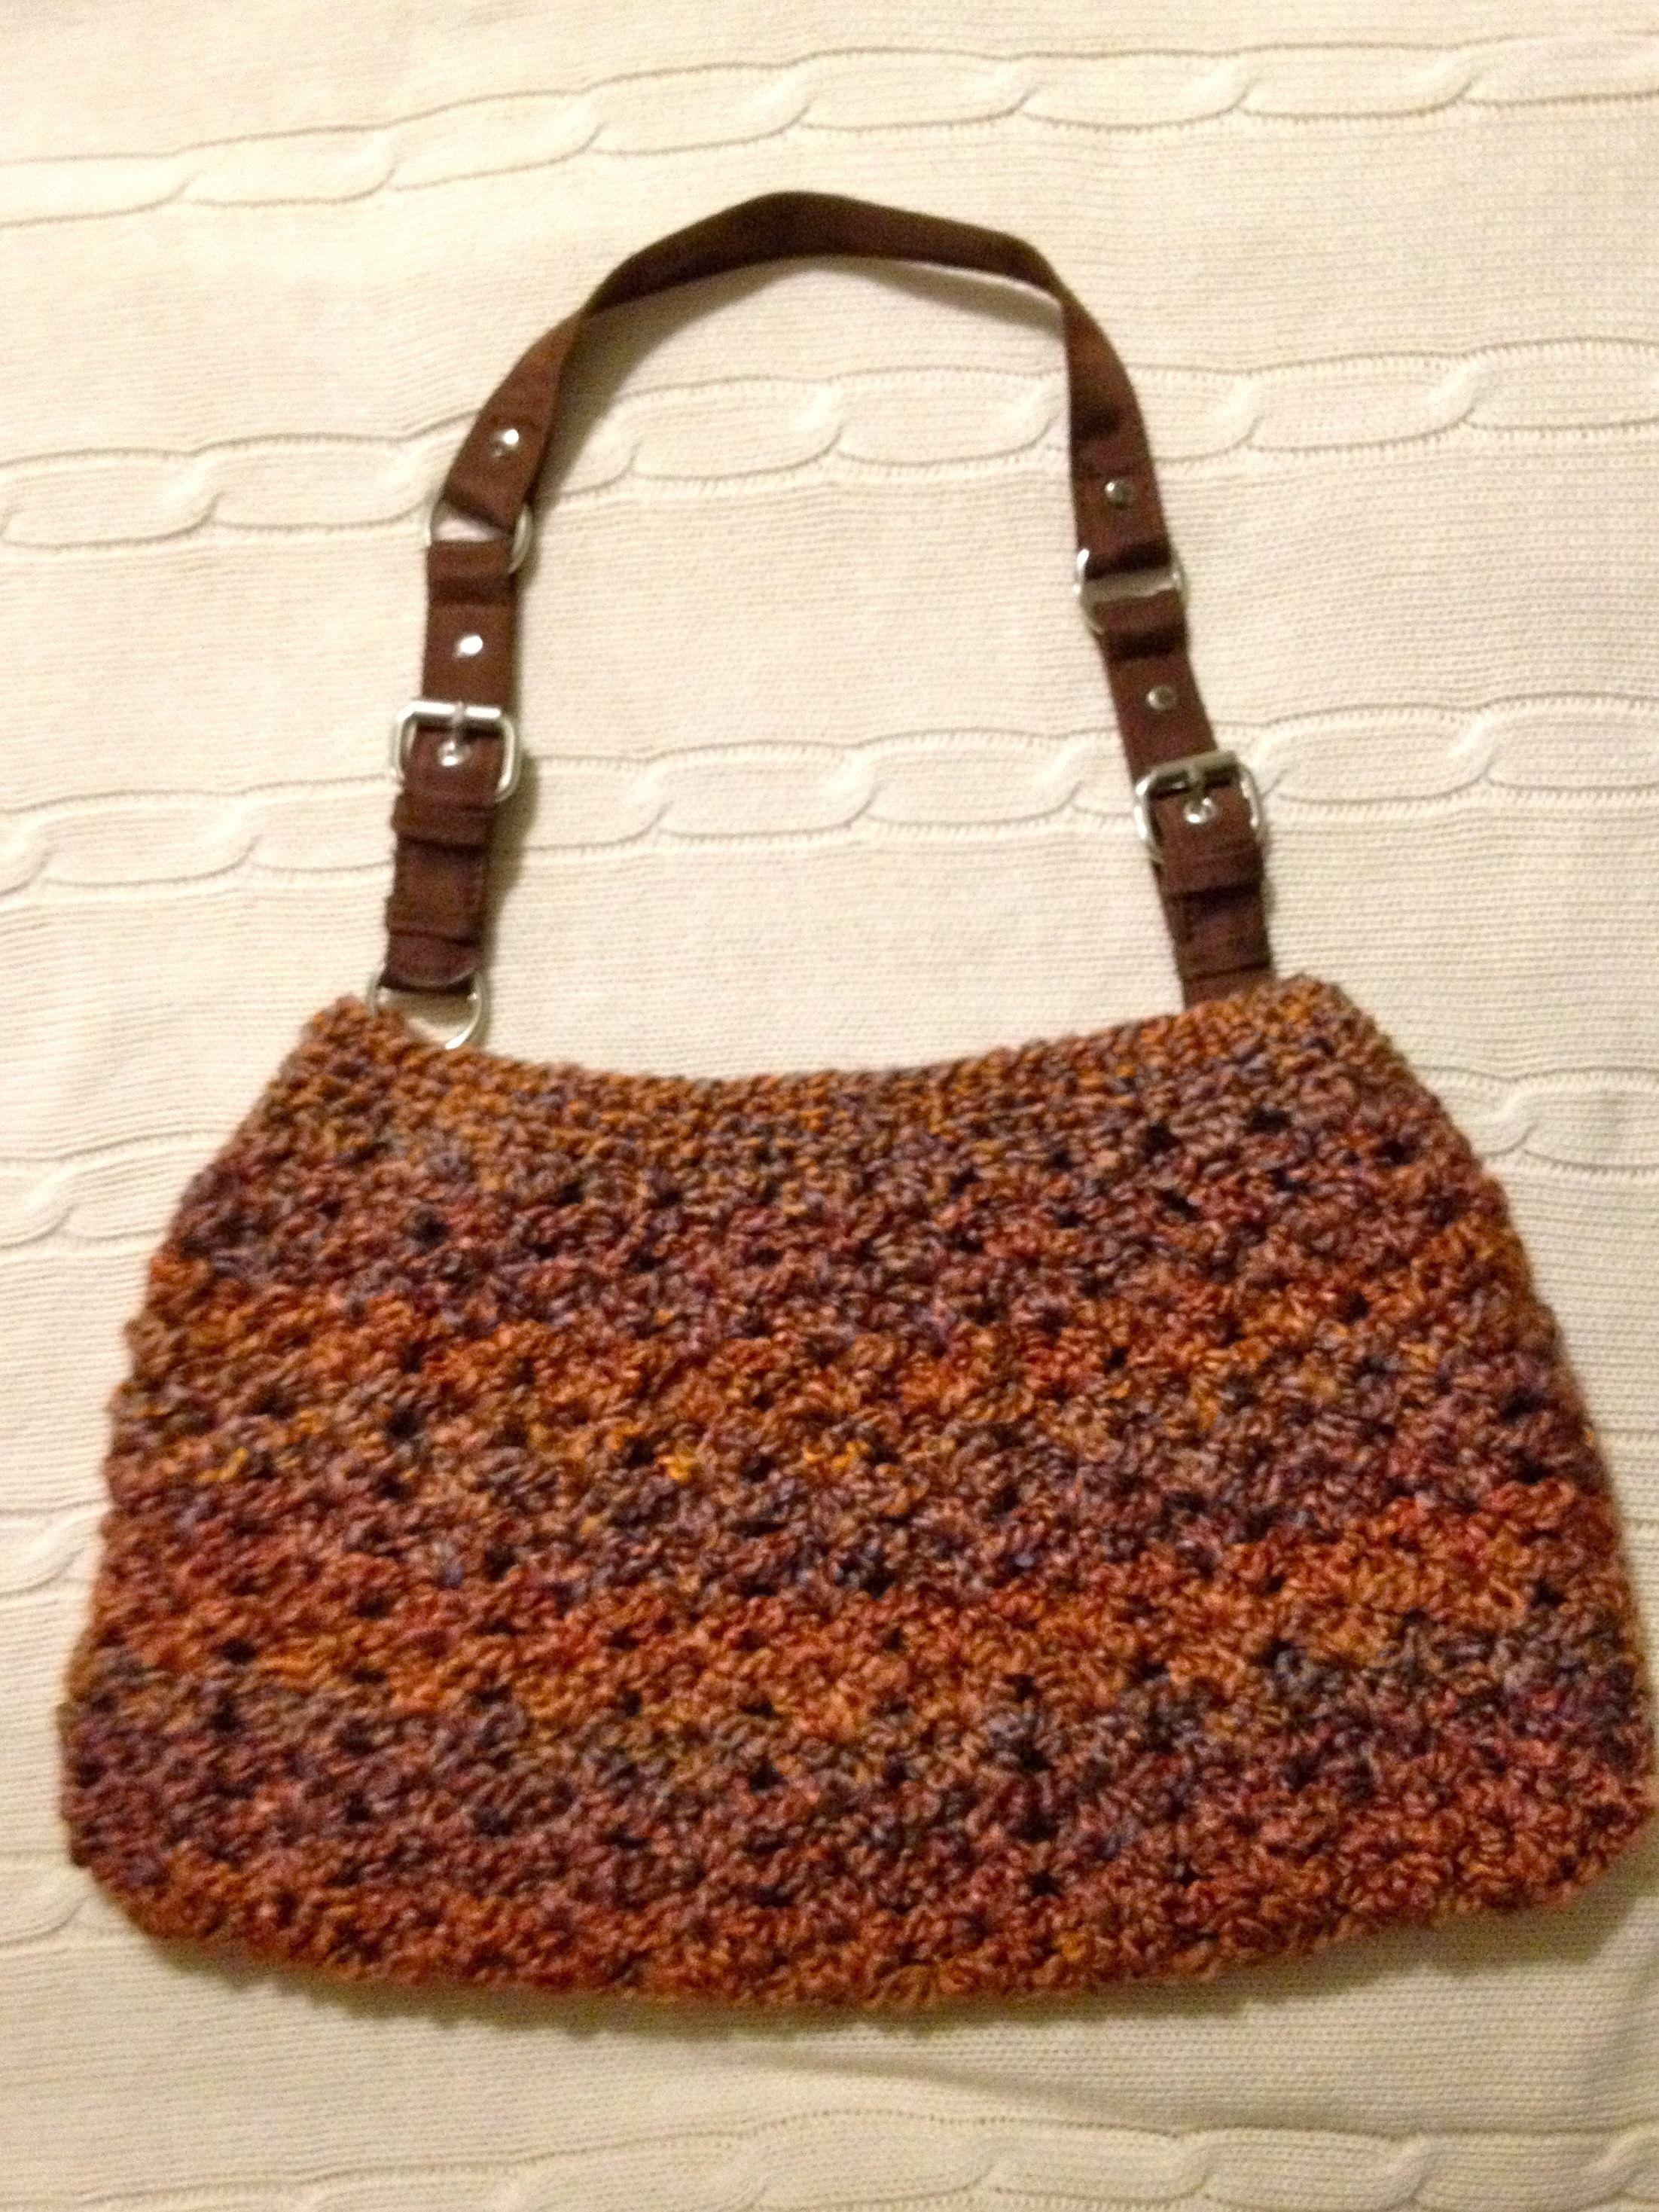 Nordstrom Crochet Hobo Bag Pattern : Crochet Hobo Bag www.galleryhip.com - The Hippest Pics